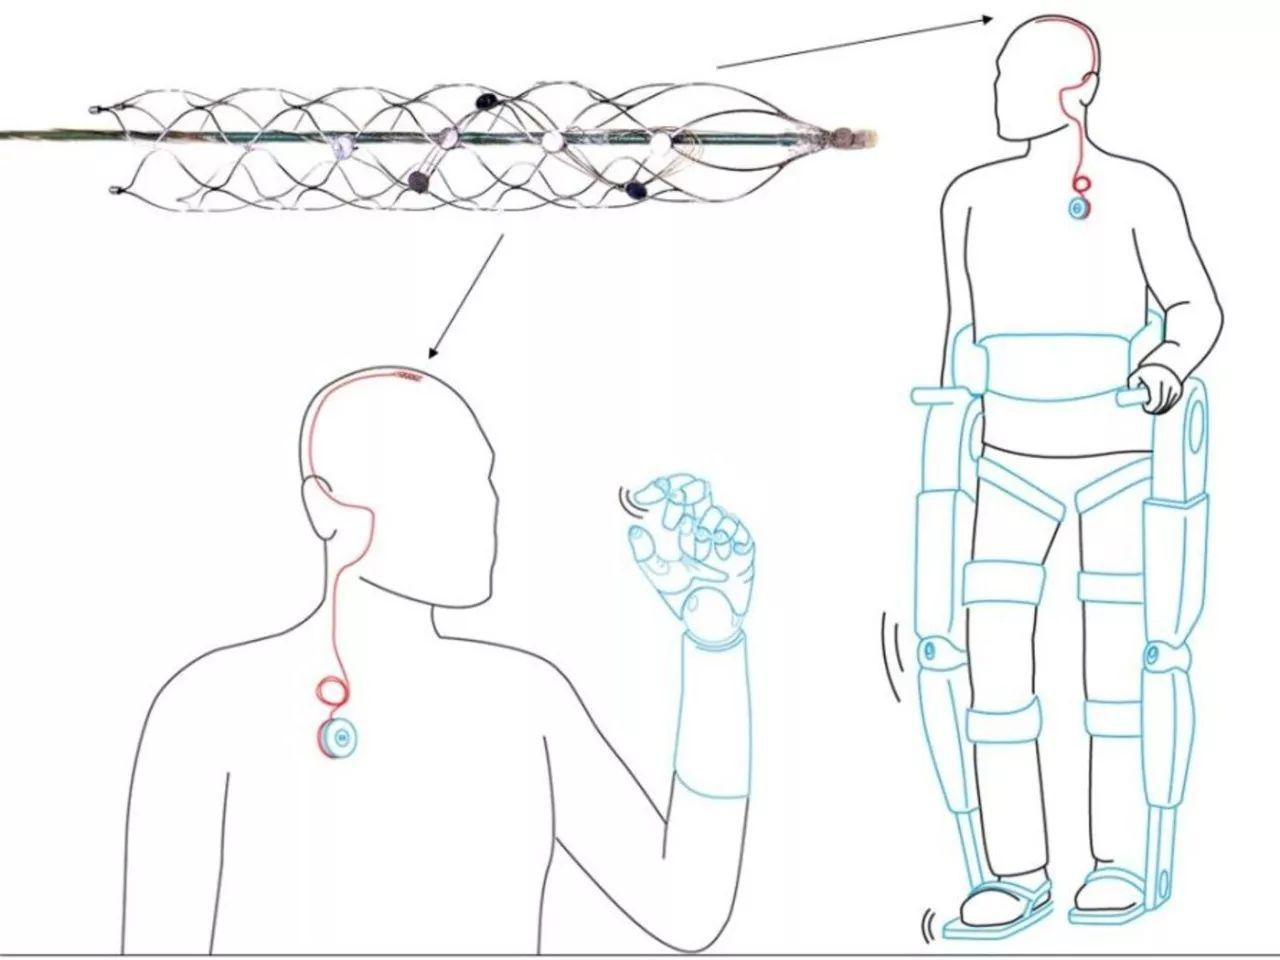 付费精选 | 大脑技术获新进展,仿生植入有望帮助瘫痪病人重新行走